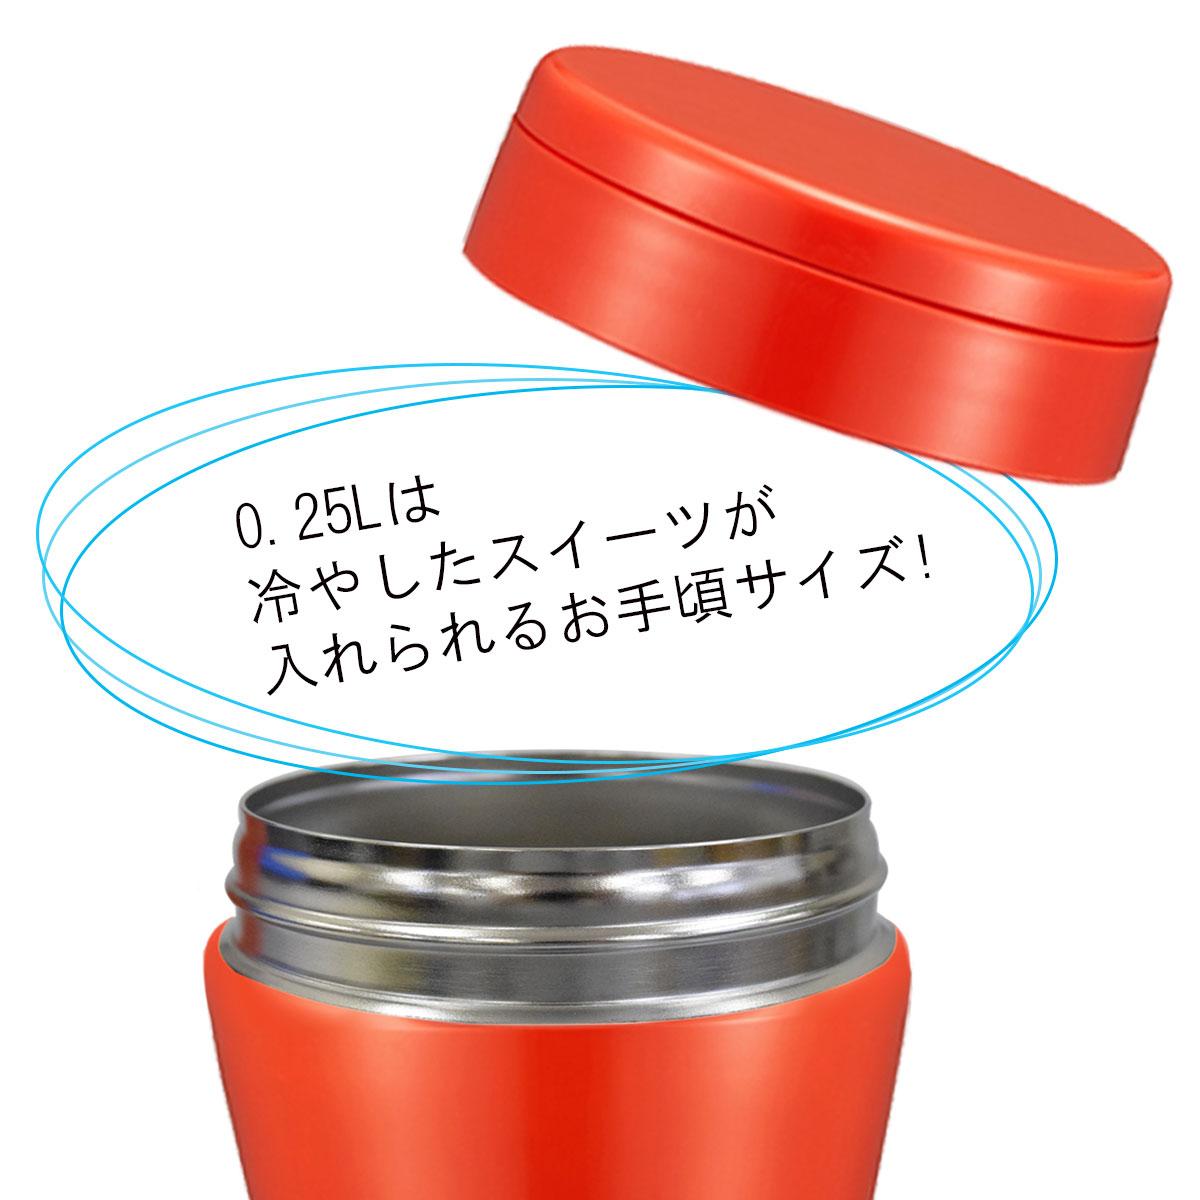 タイガー 真空断熱スープカップ 250ml MCL-B025